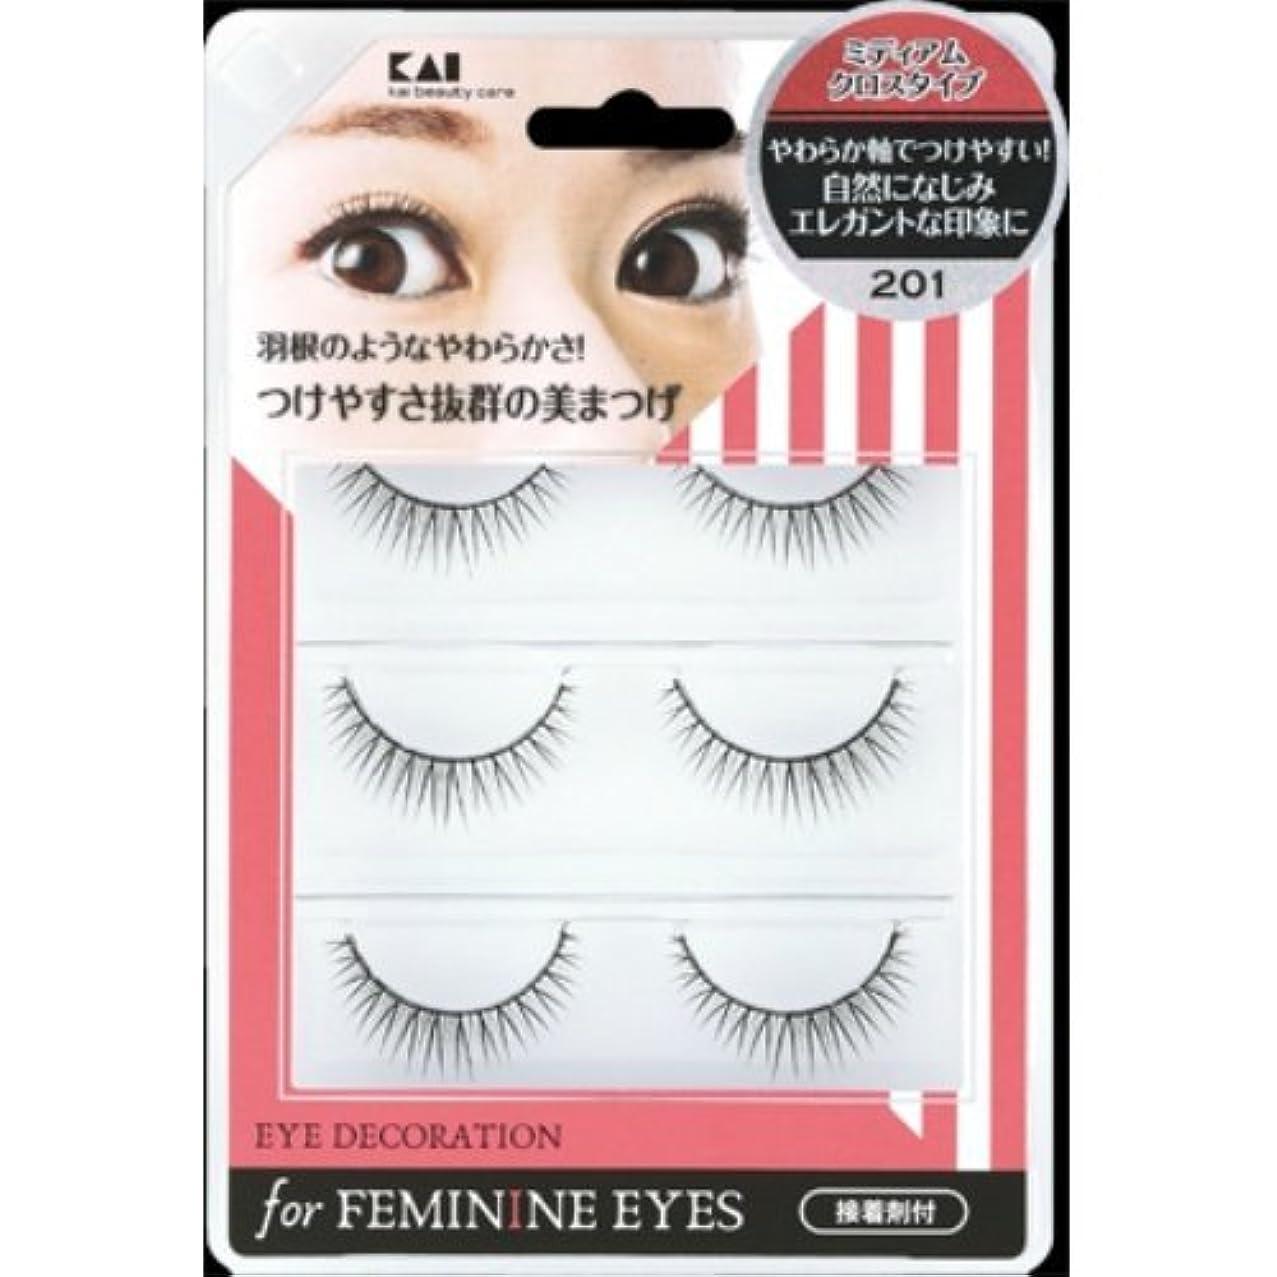 知覚するシャトル達成貝印 アイデコレーション for feminine eyes 201 HC1558